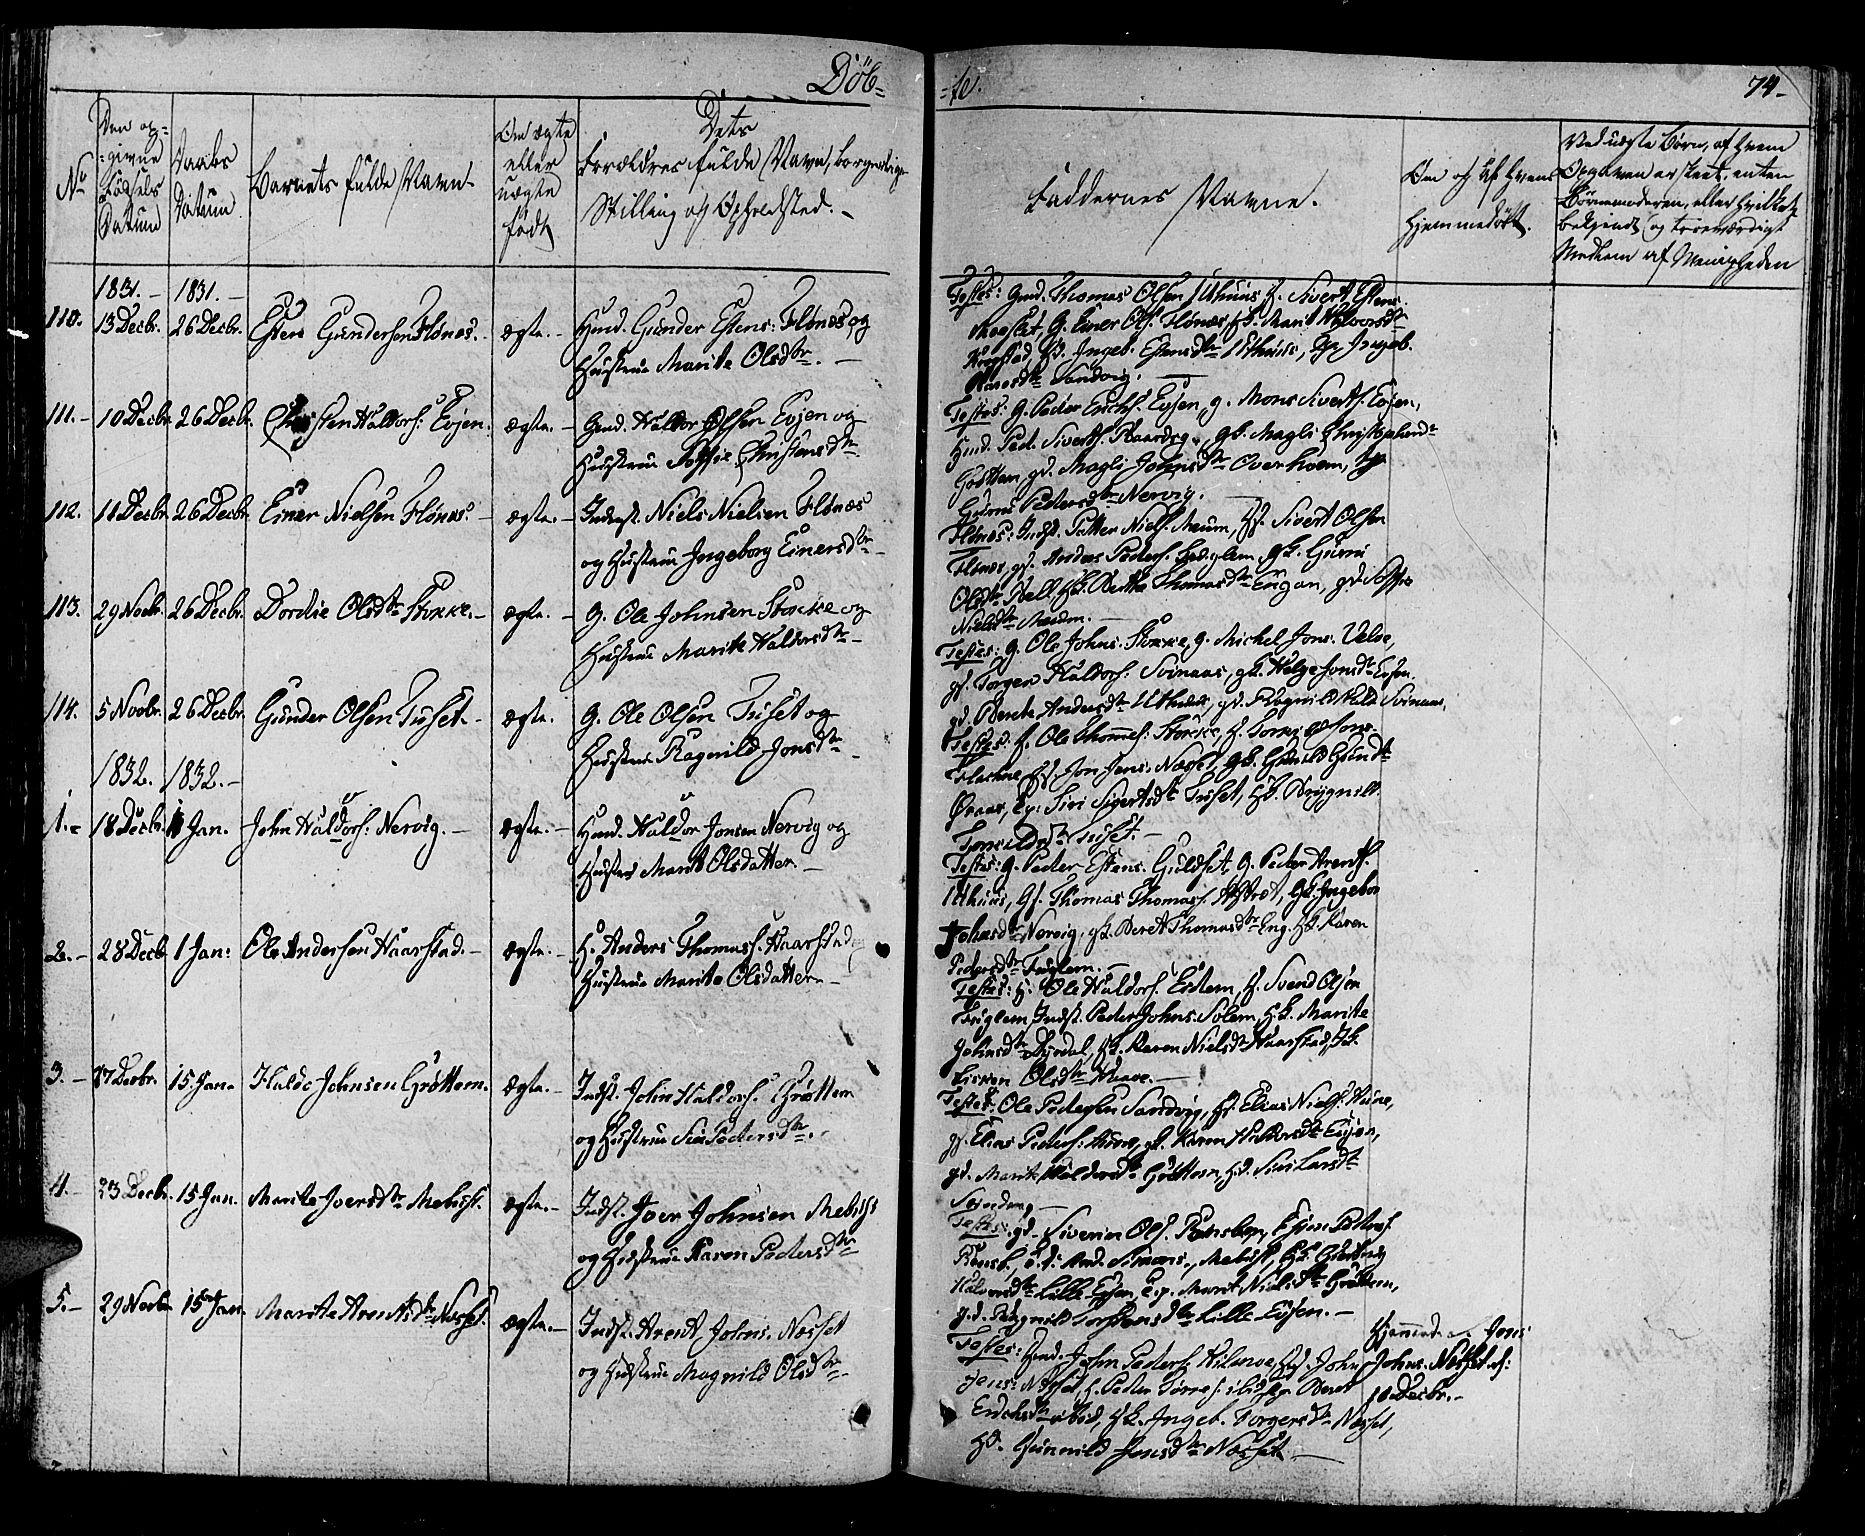 SAT, Ministerialprotokoller, klokkerbøker og fødselsregistre - Sør-Trøndelag, 695/L1143: Ministerialbok nr. 695A05 /1, 1824-1842, s. 74